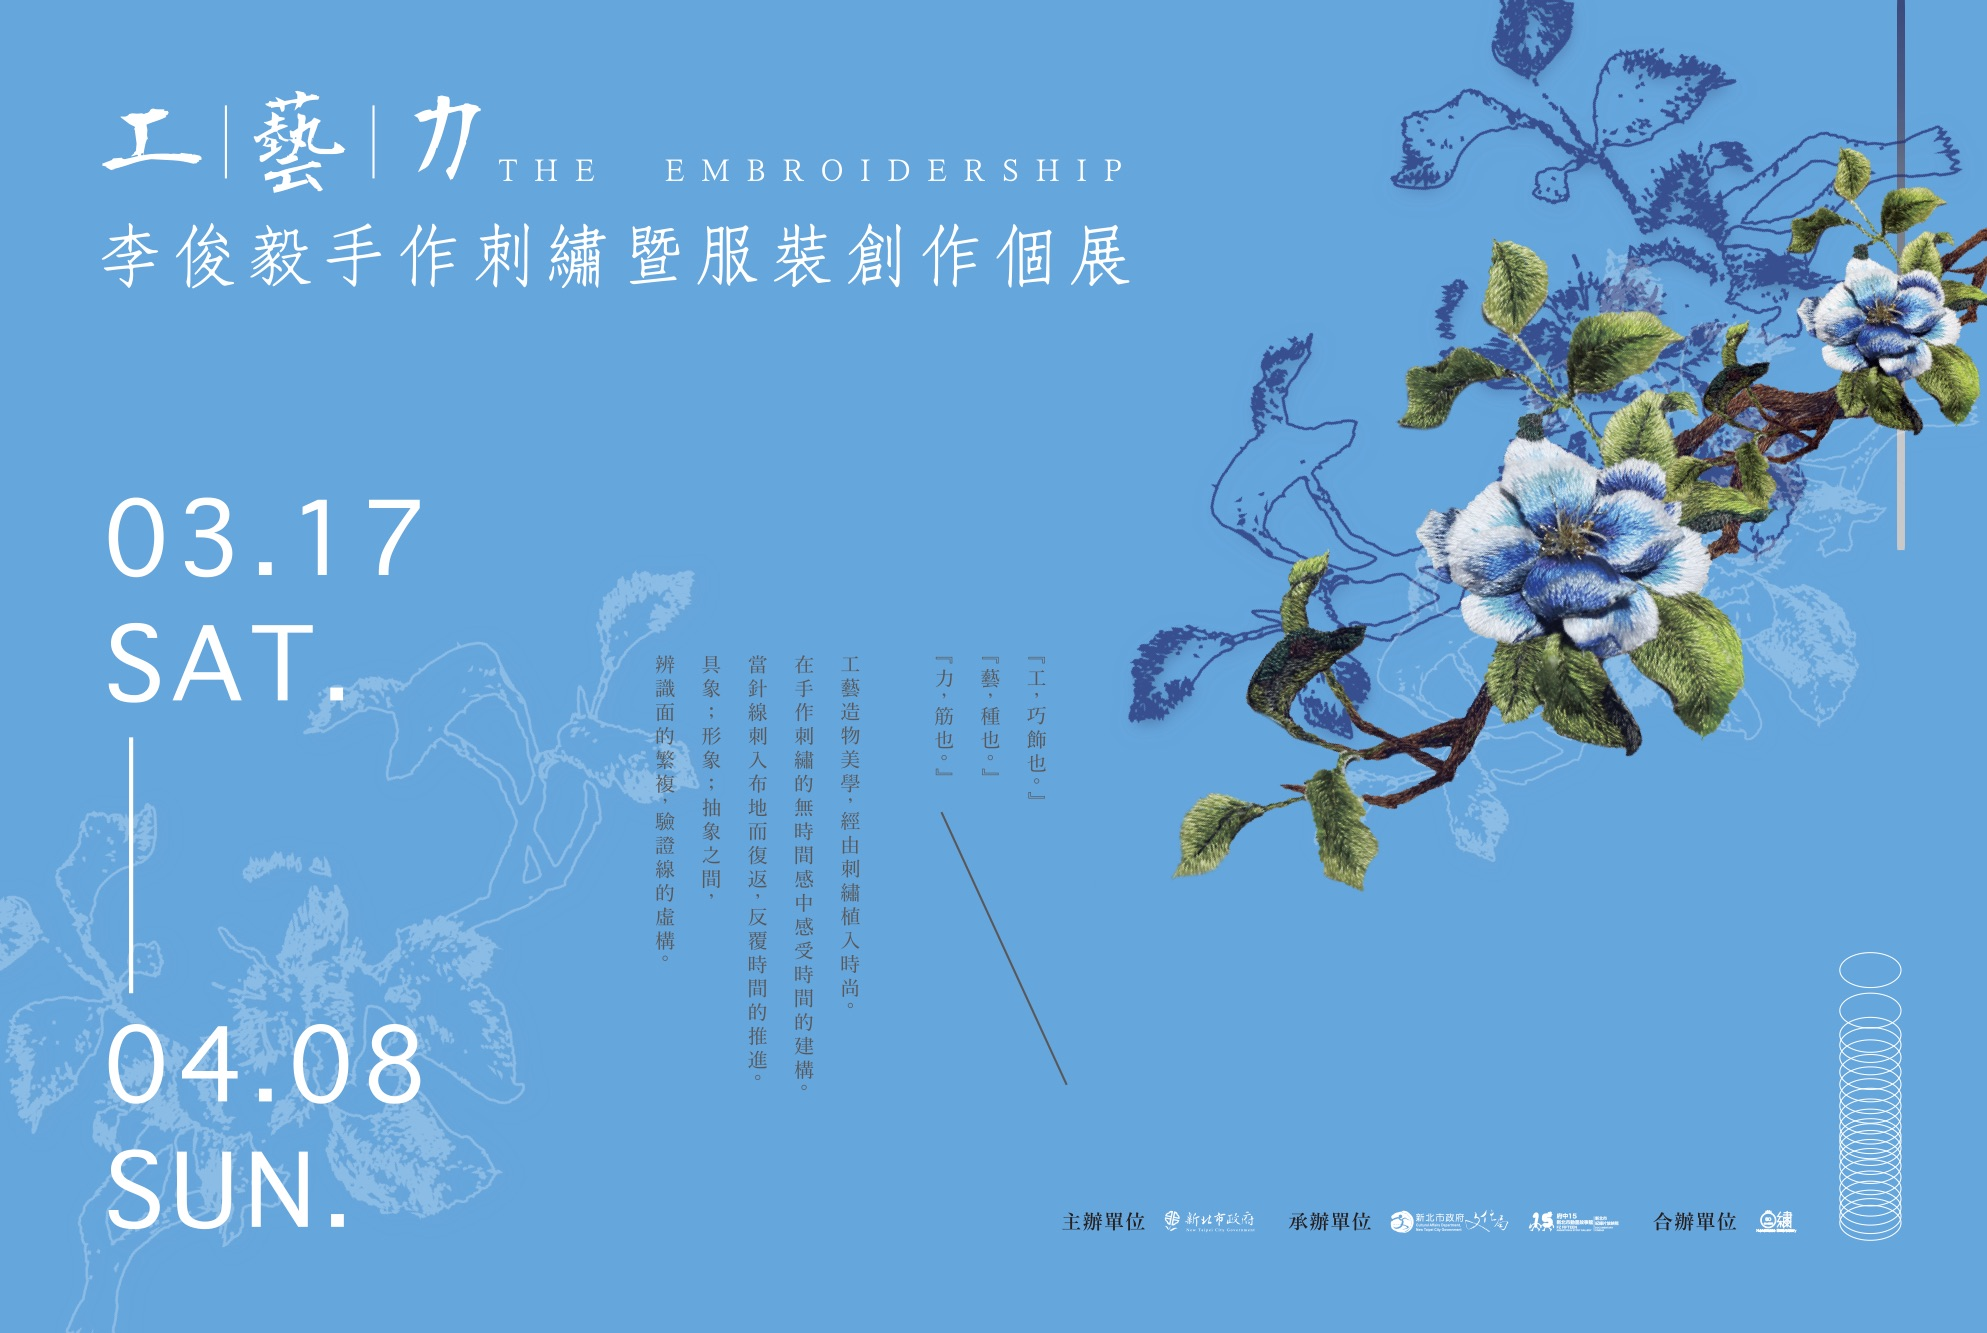 工藝力-李俊毅手作刺繡暨服裝創作個展